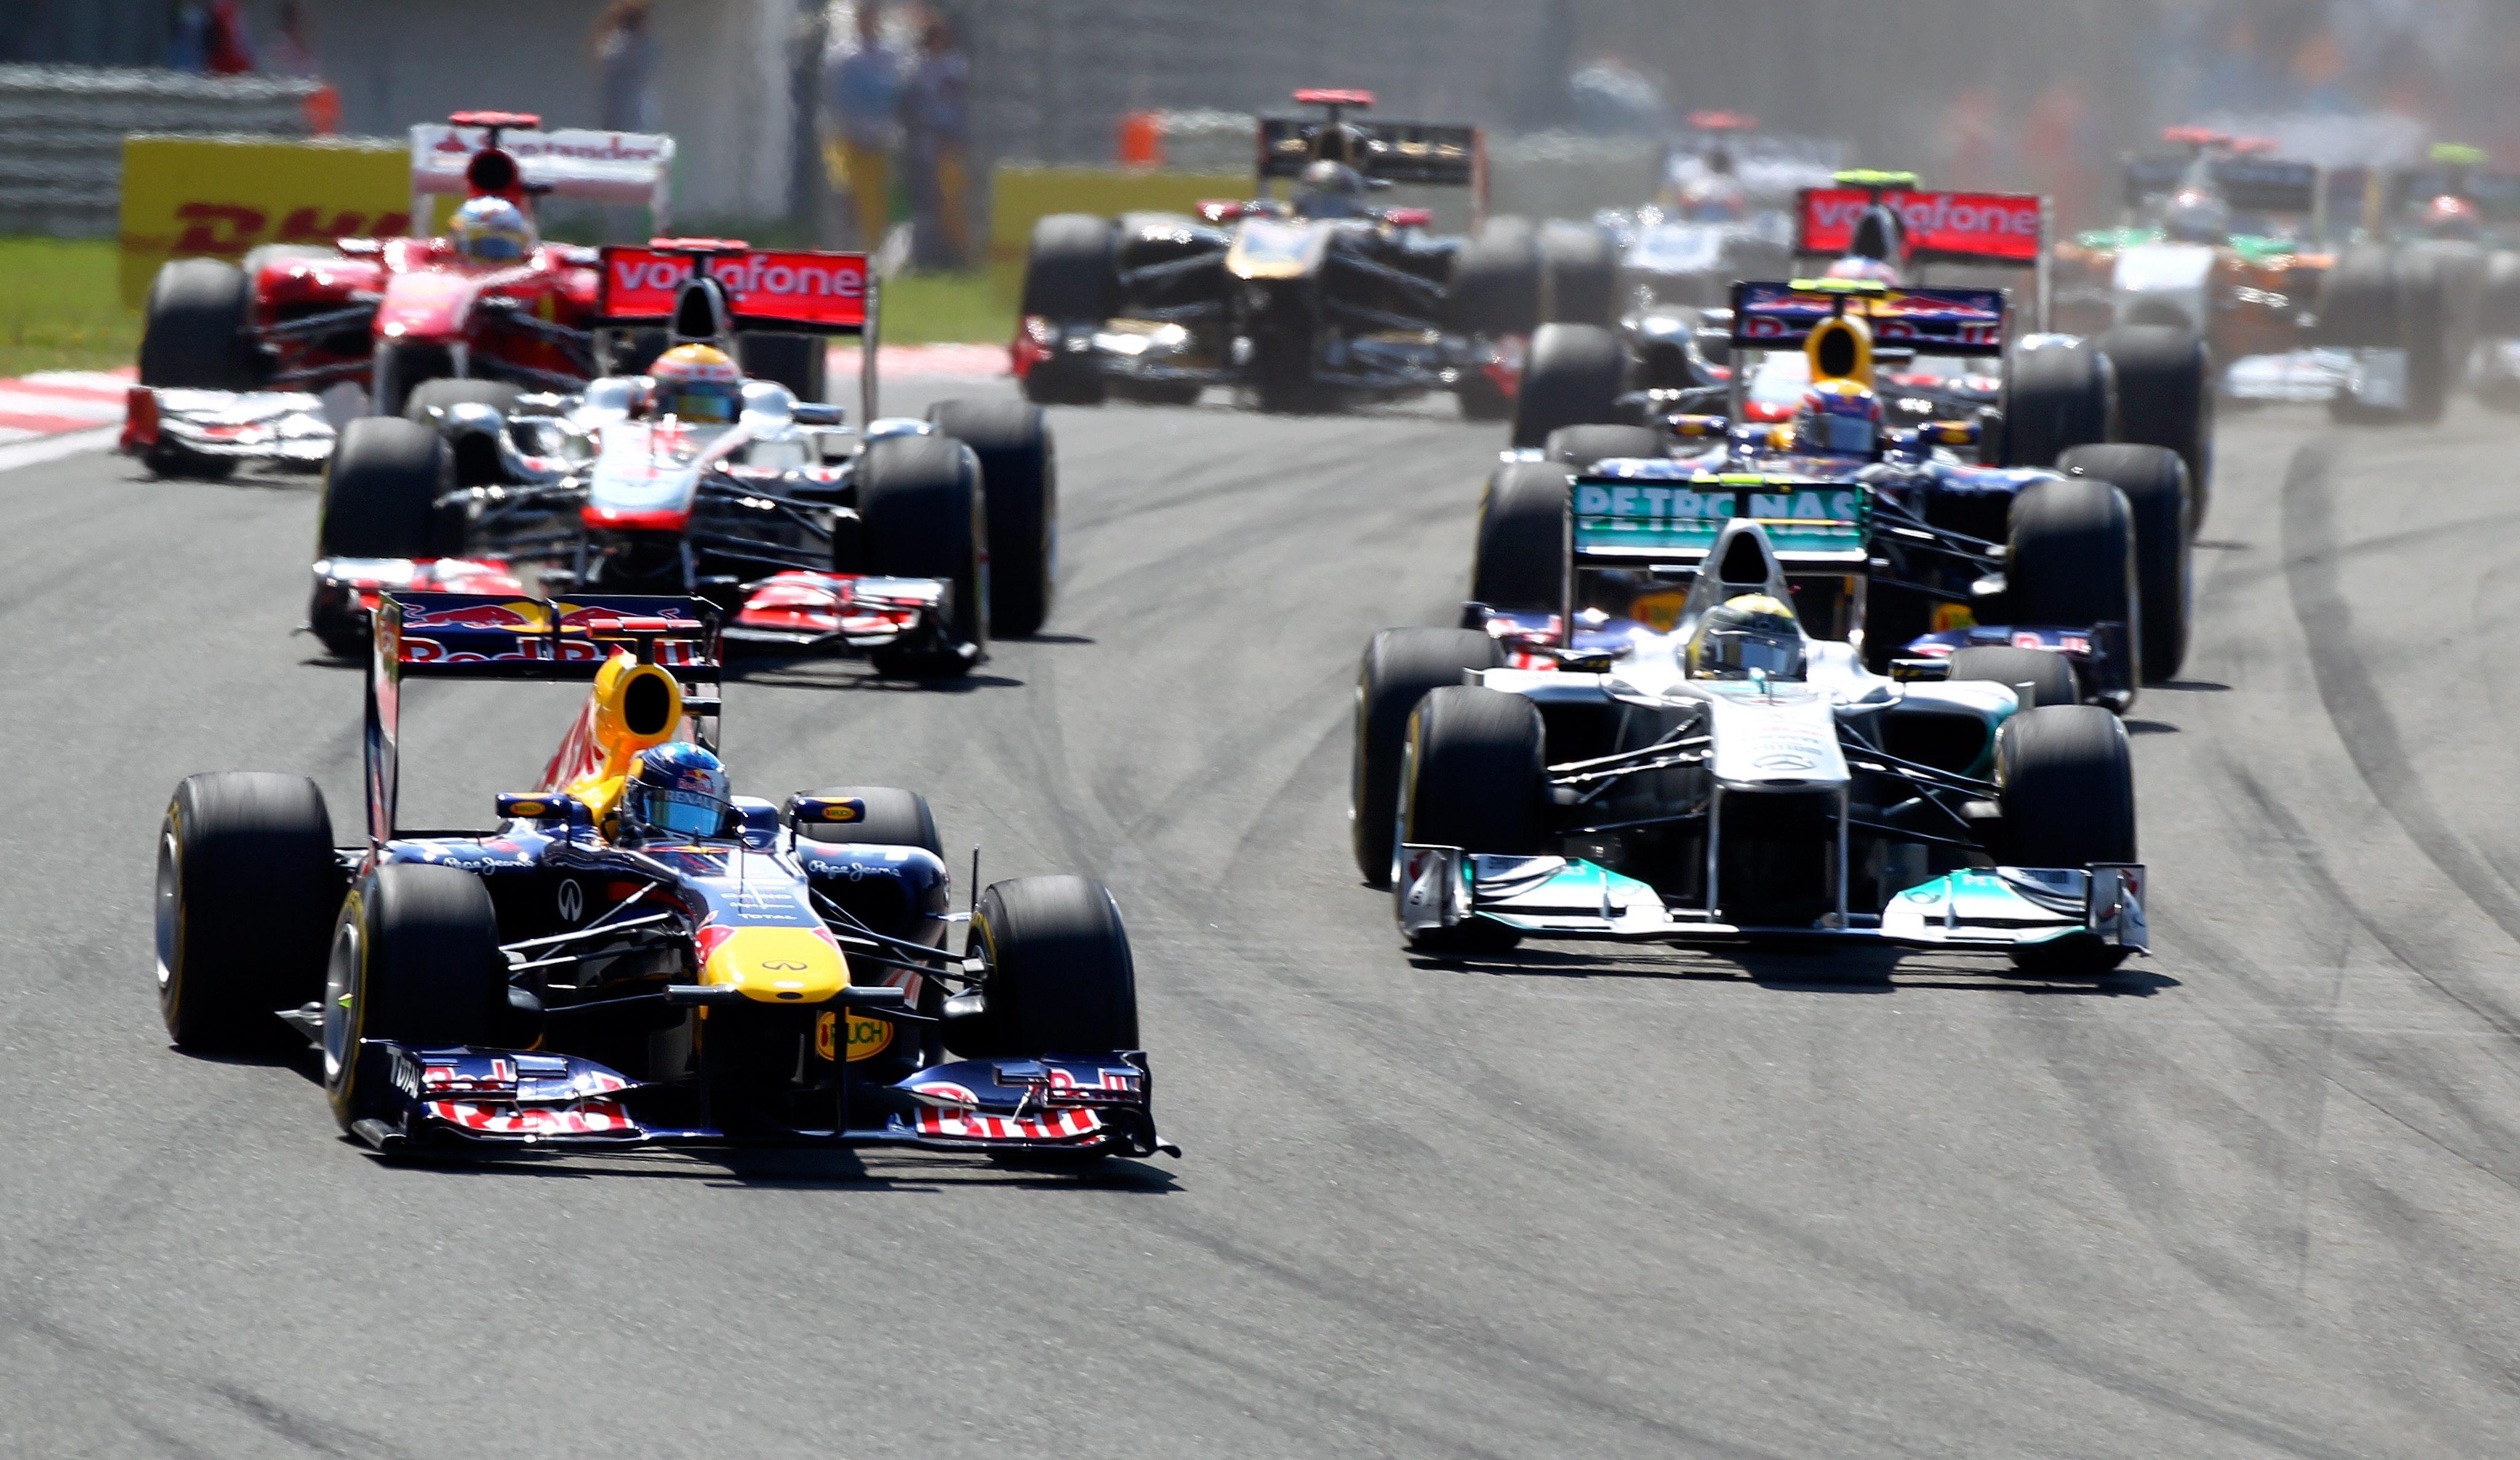 Британска парламентарна група се обяви за Гран при на Бахрейн във F1